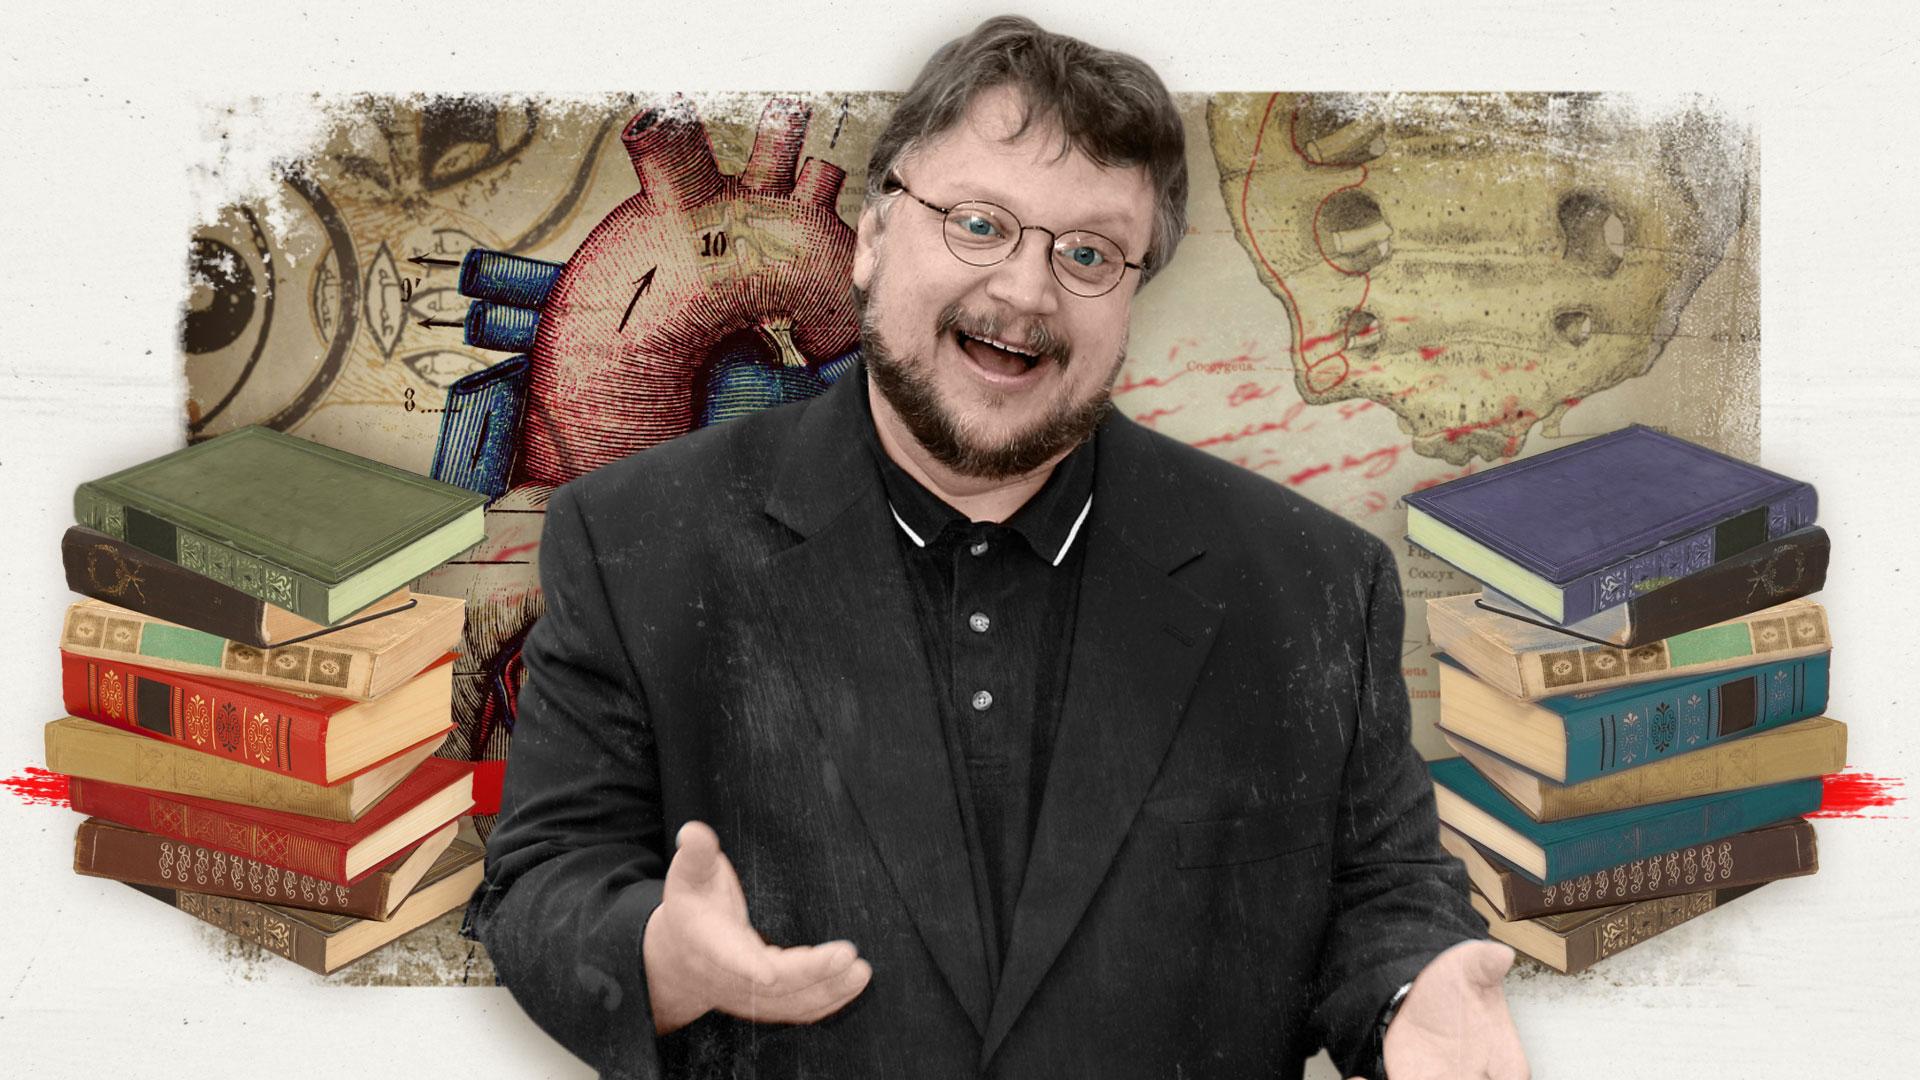 Biography: Guillermo Del Toro